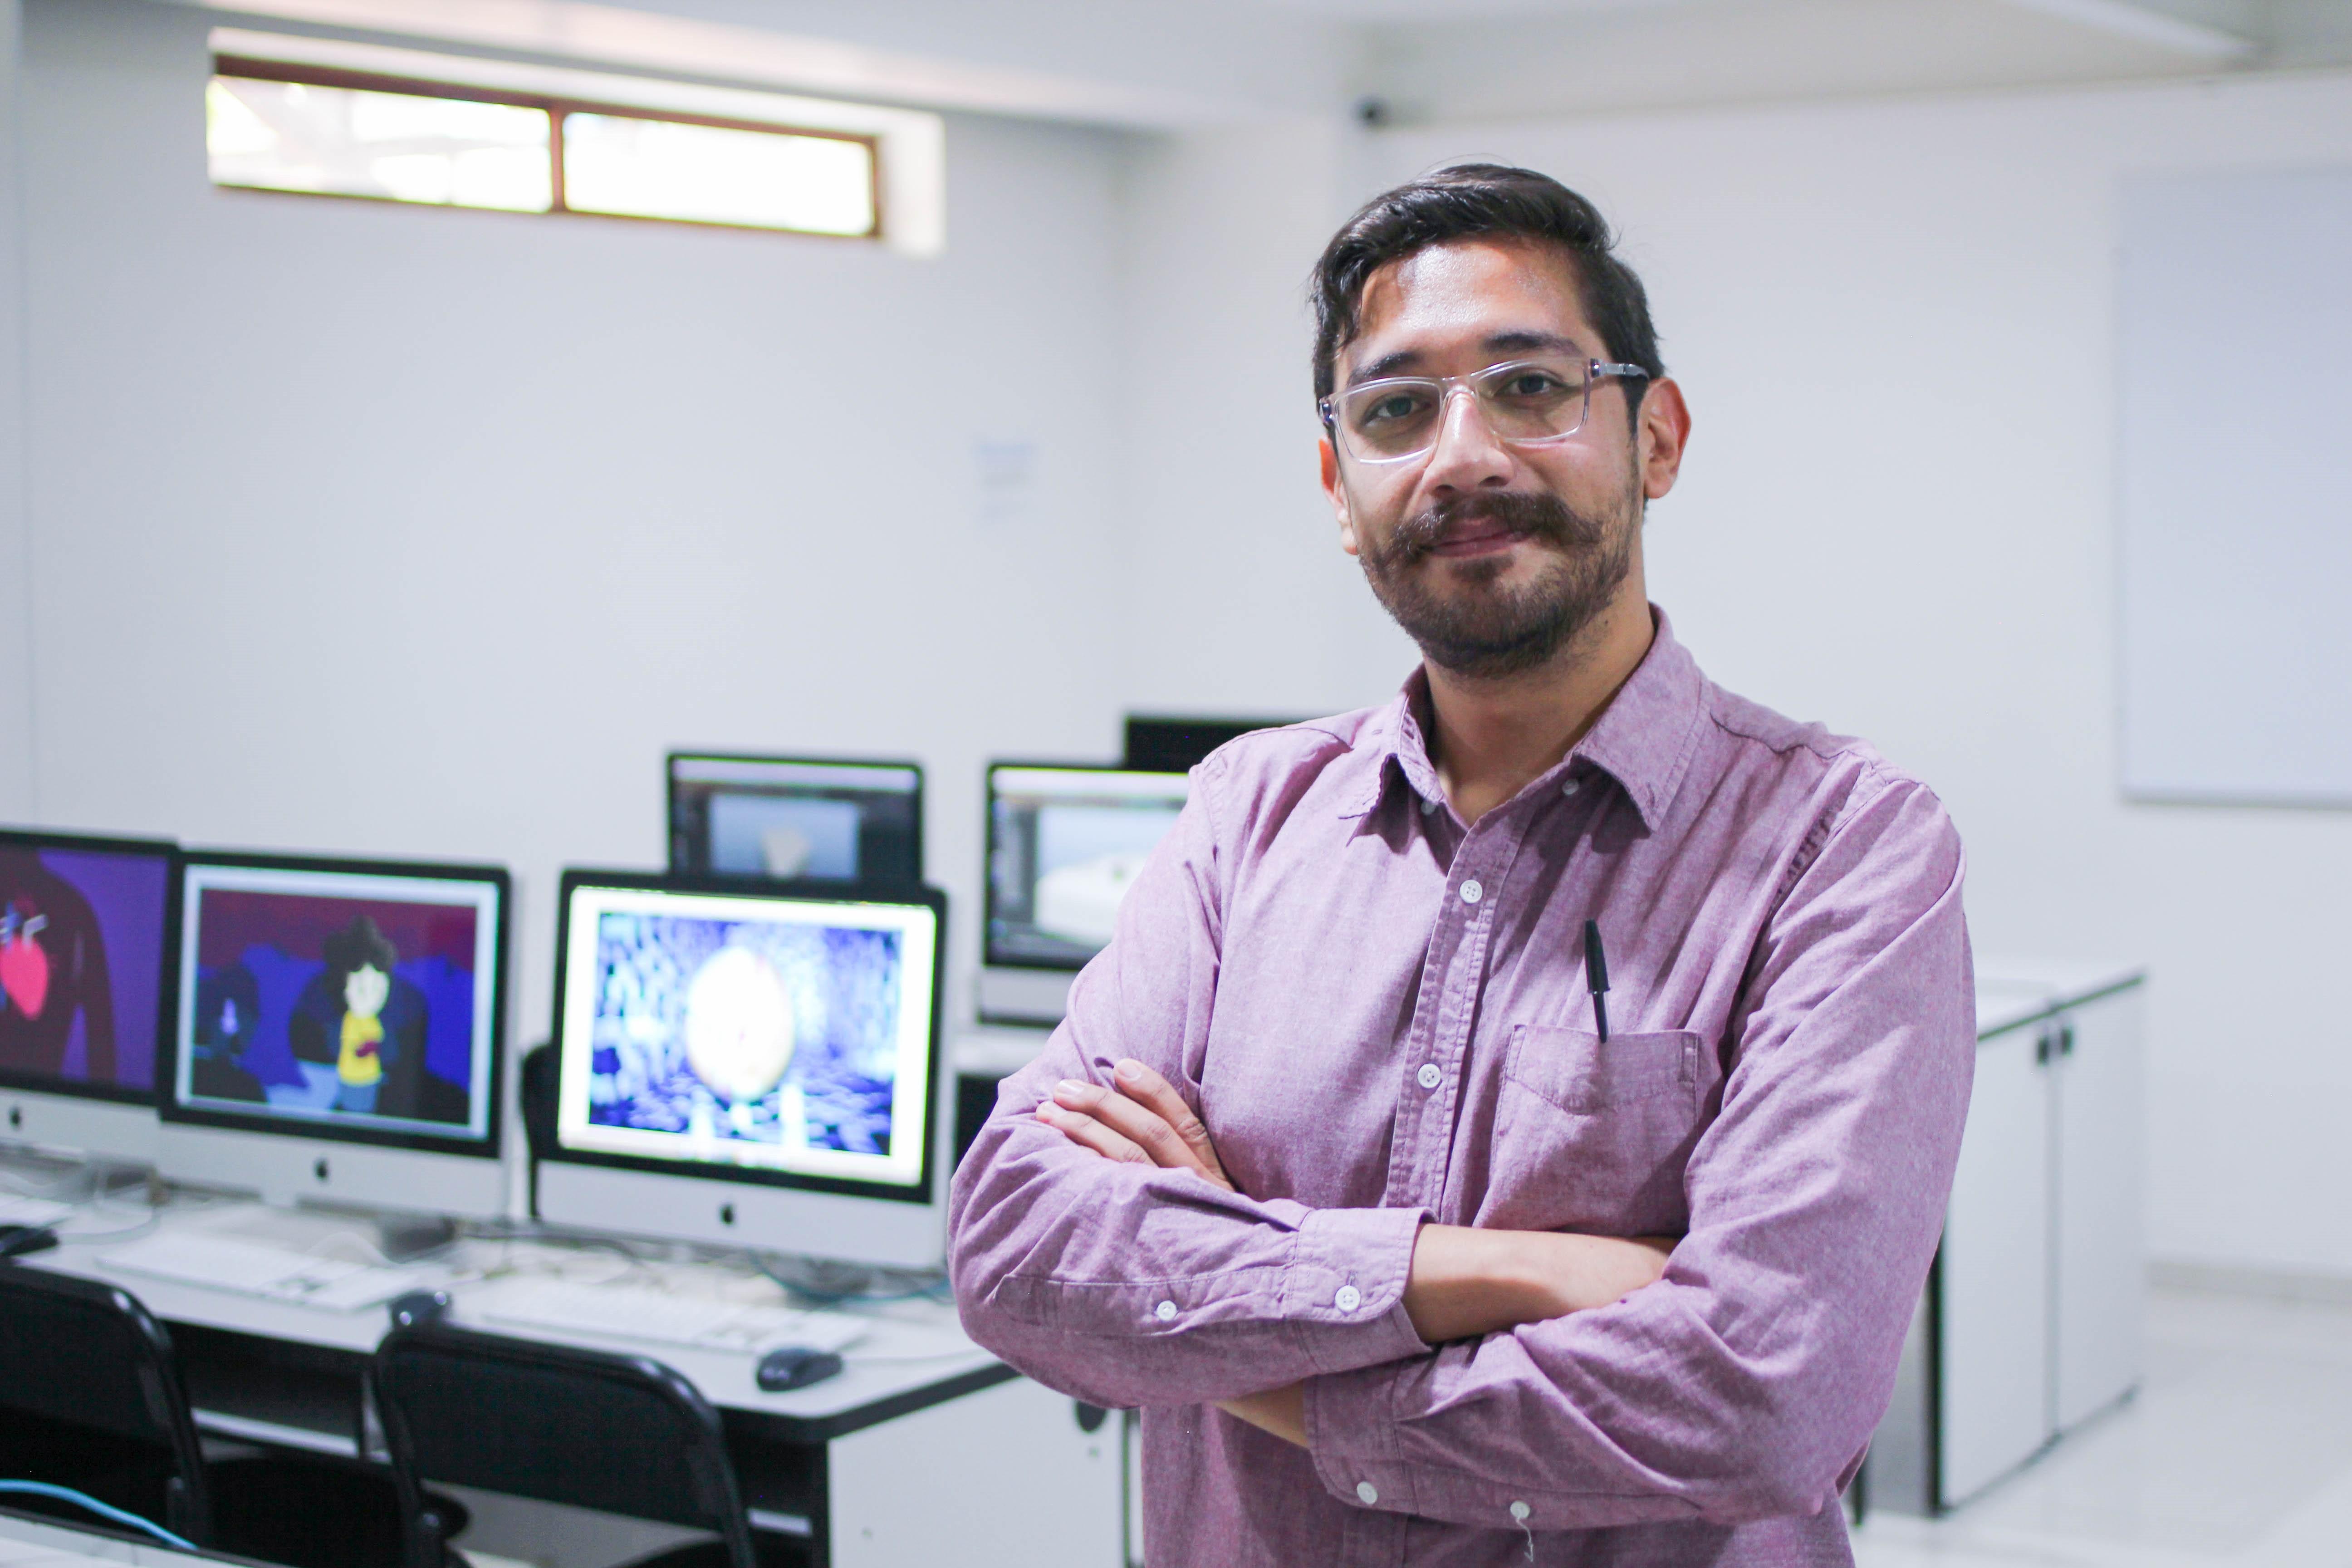 Animadores mexicanos destacan por su visión y preparación académica